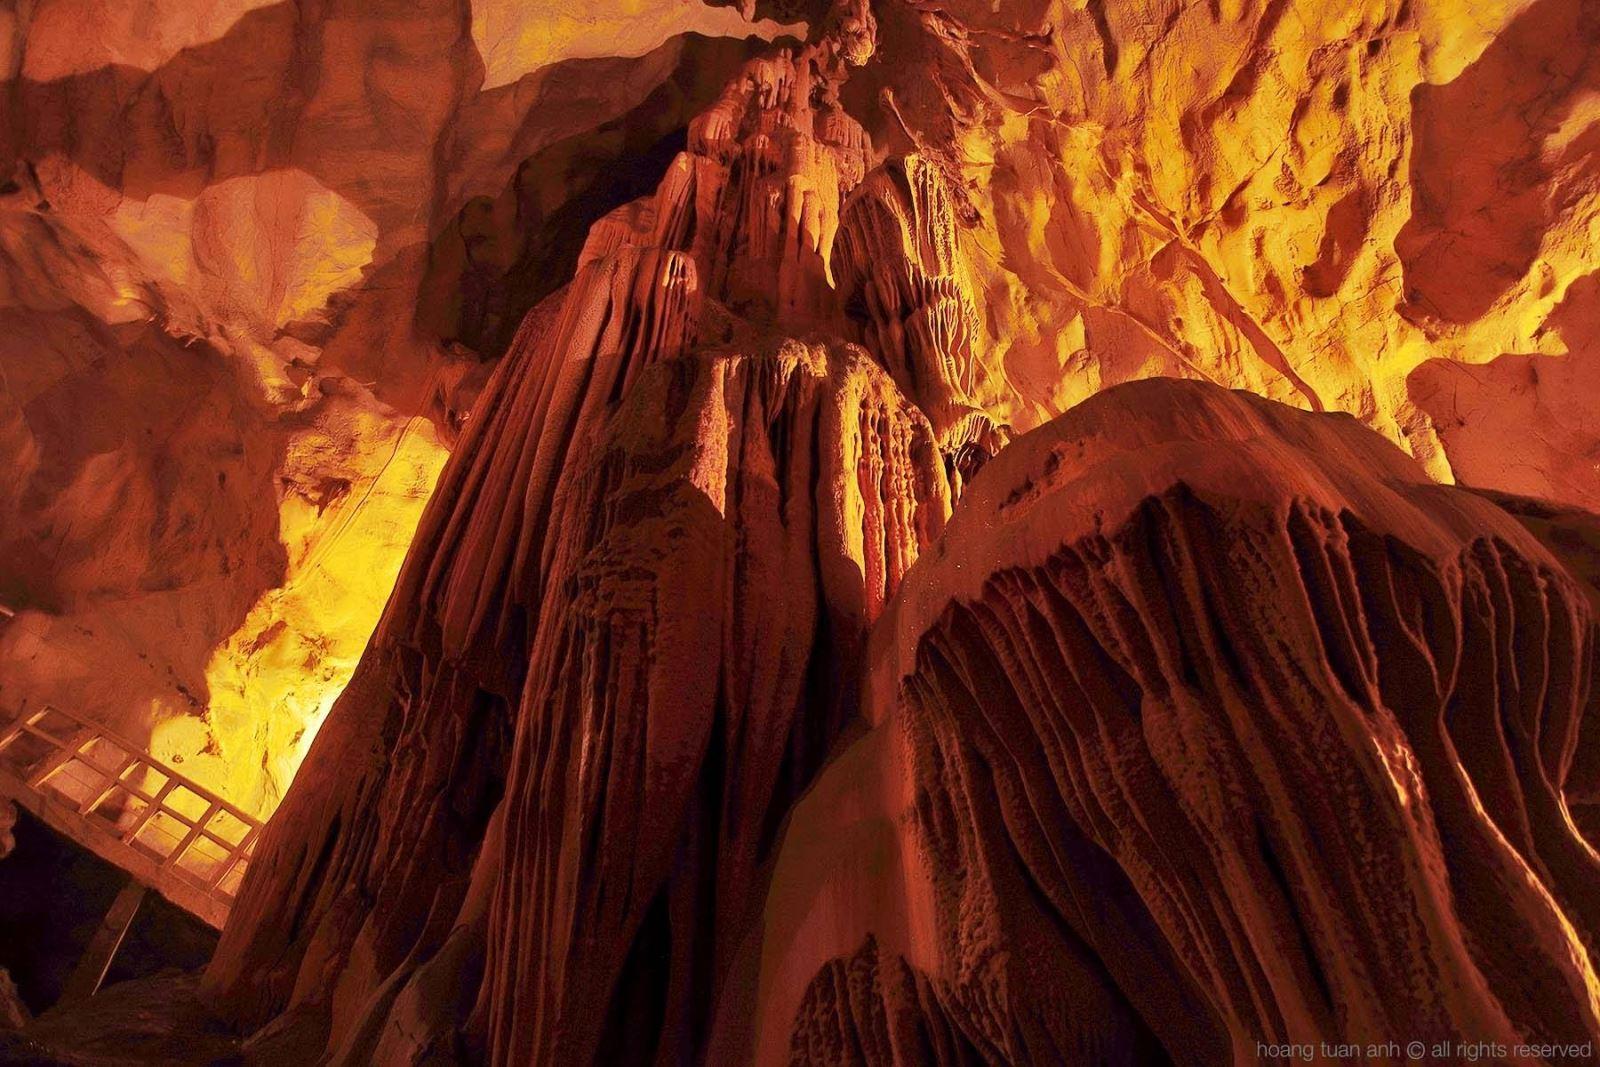 Về với đảo Cát Bà, trải nghiệm những hoạt động khám phá thiên nhiên đầy hấp dẫn - Ảnh 7.